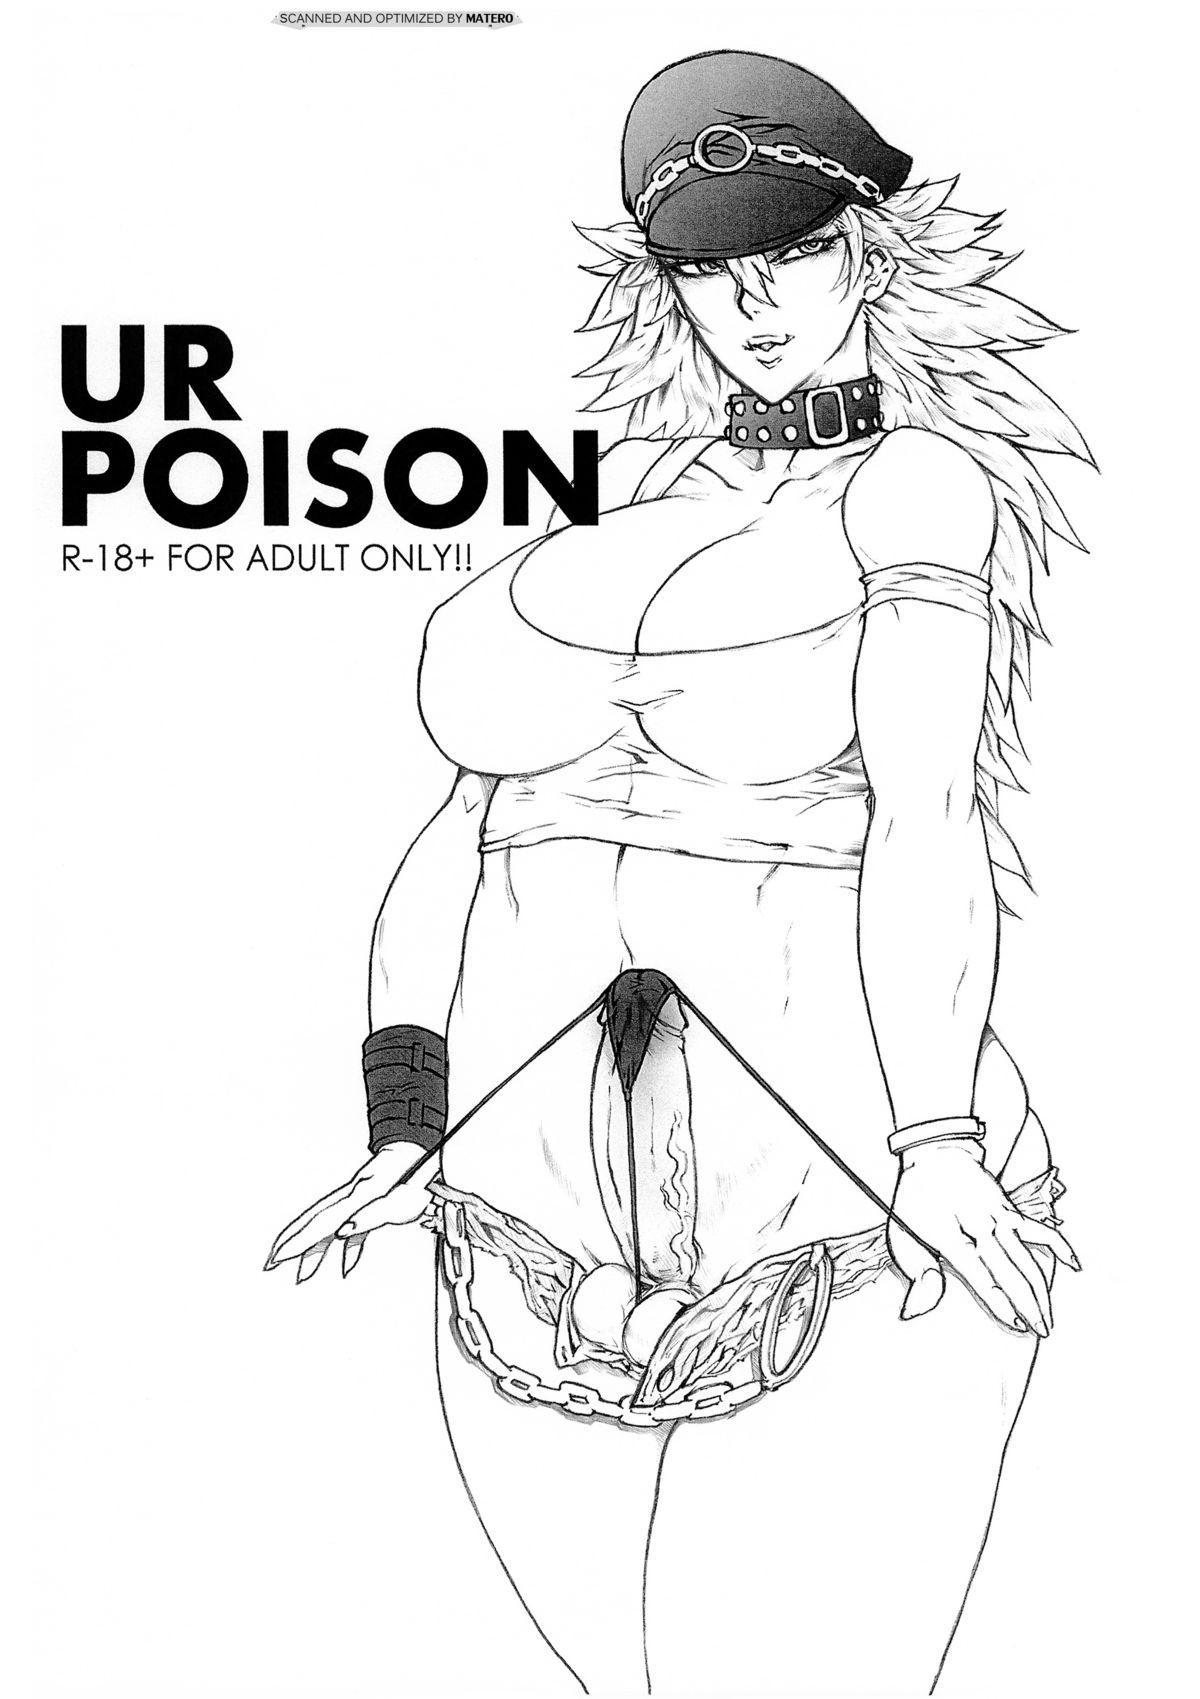 UR POISON 0